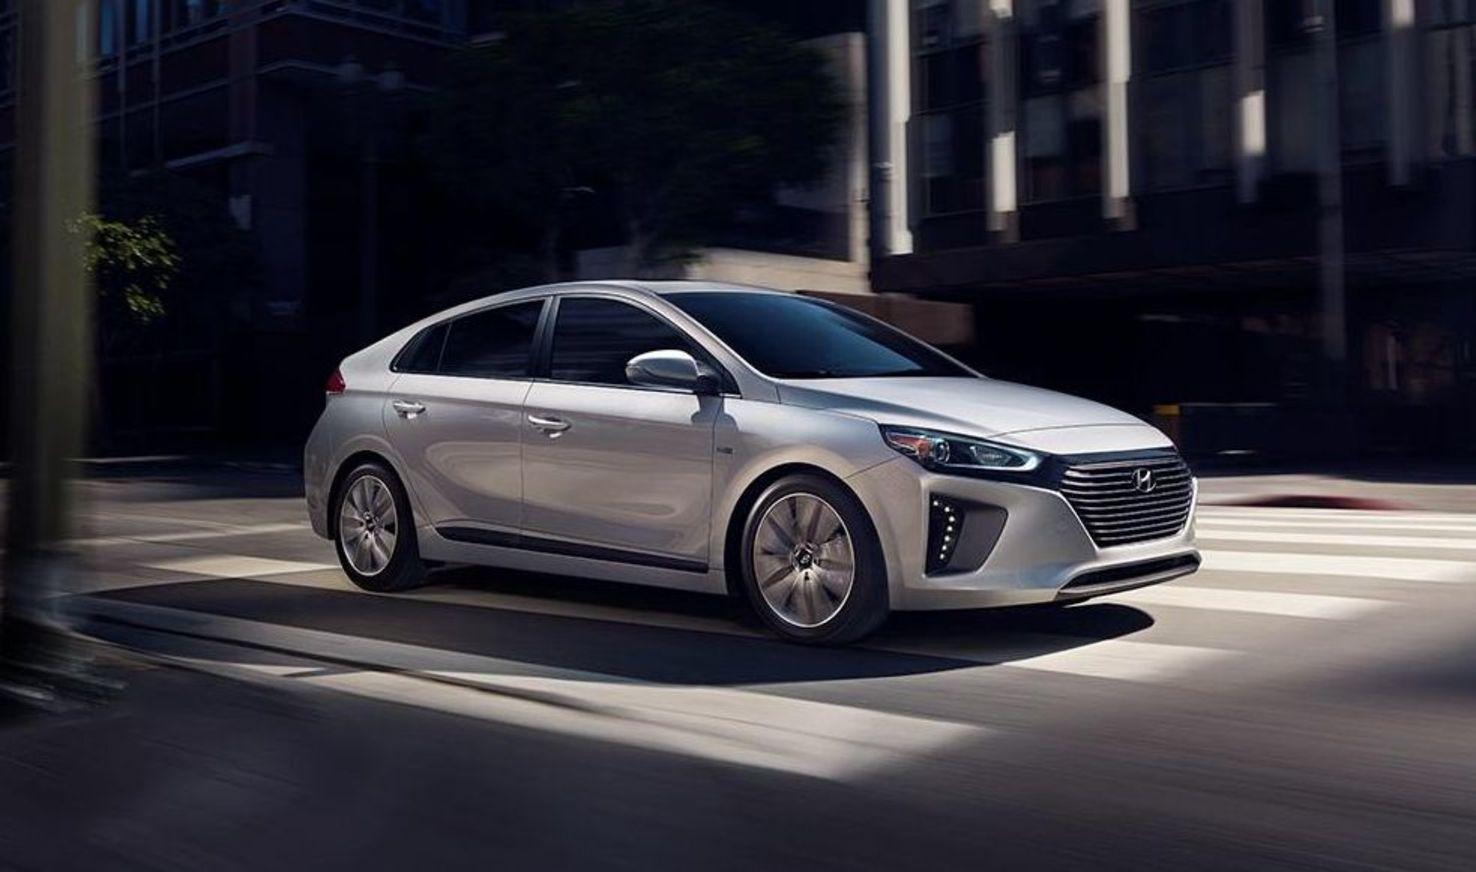 Hyundai Ioniq Híbrido 2019 a la venta cerca de Stafford, VA.